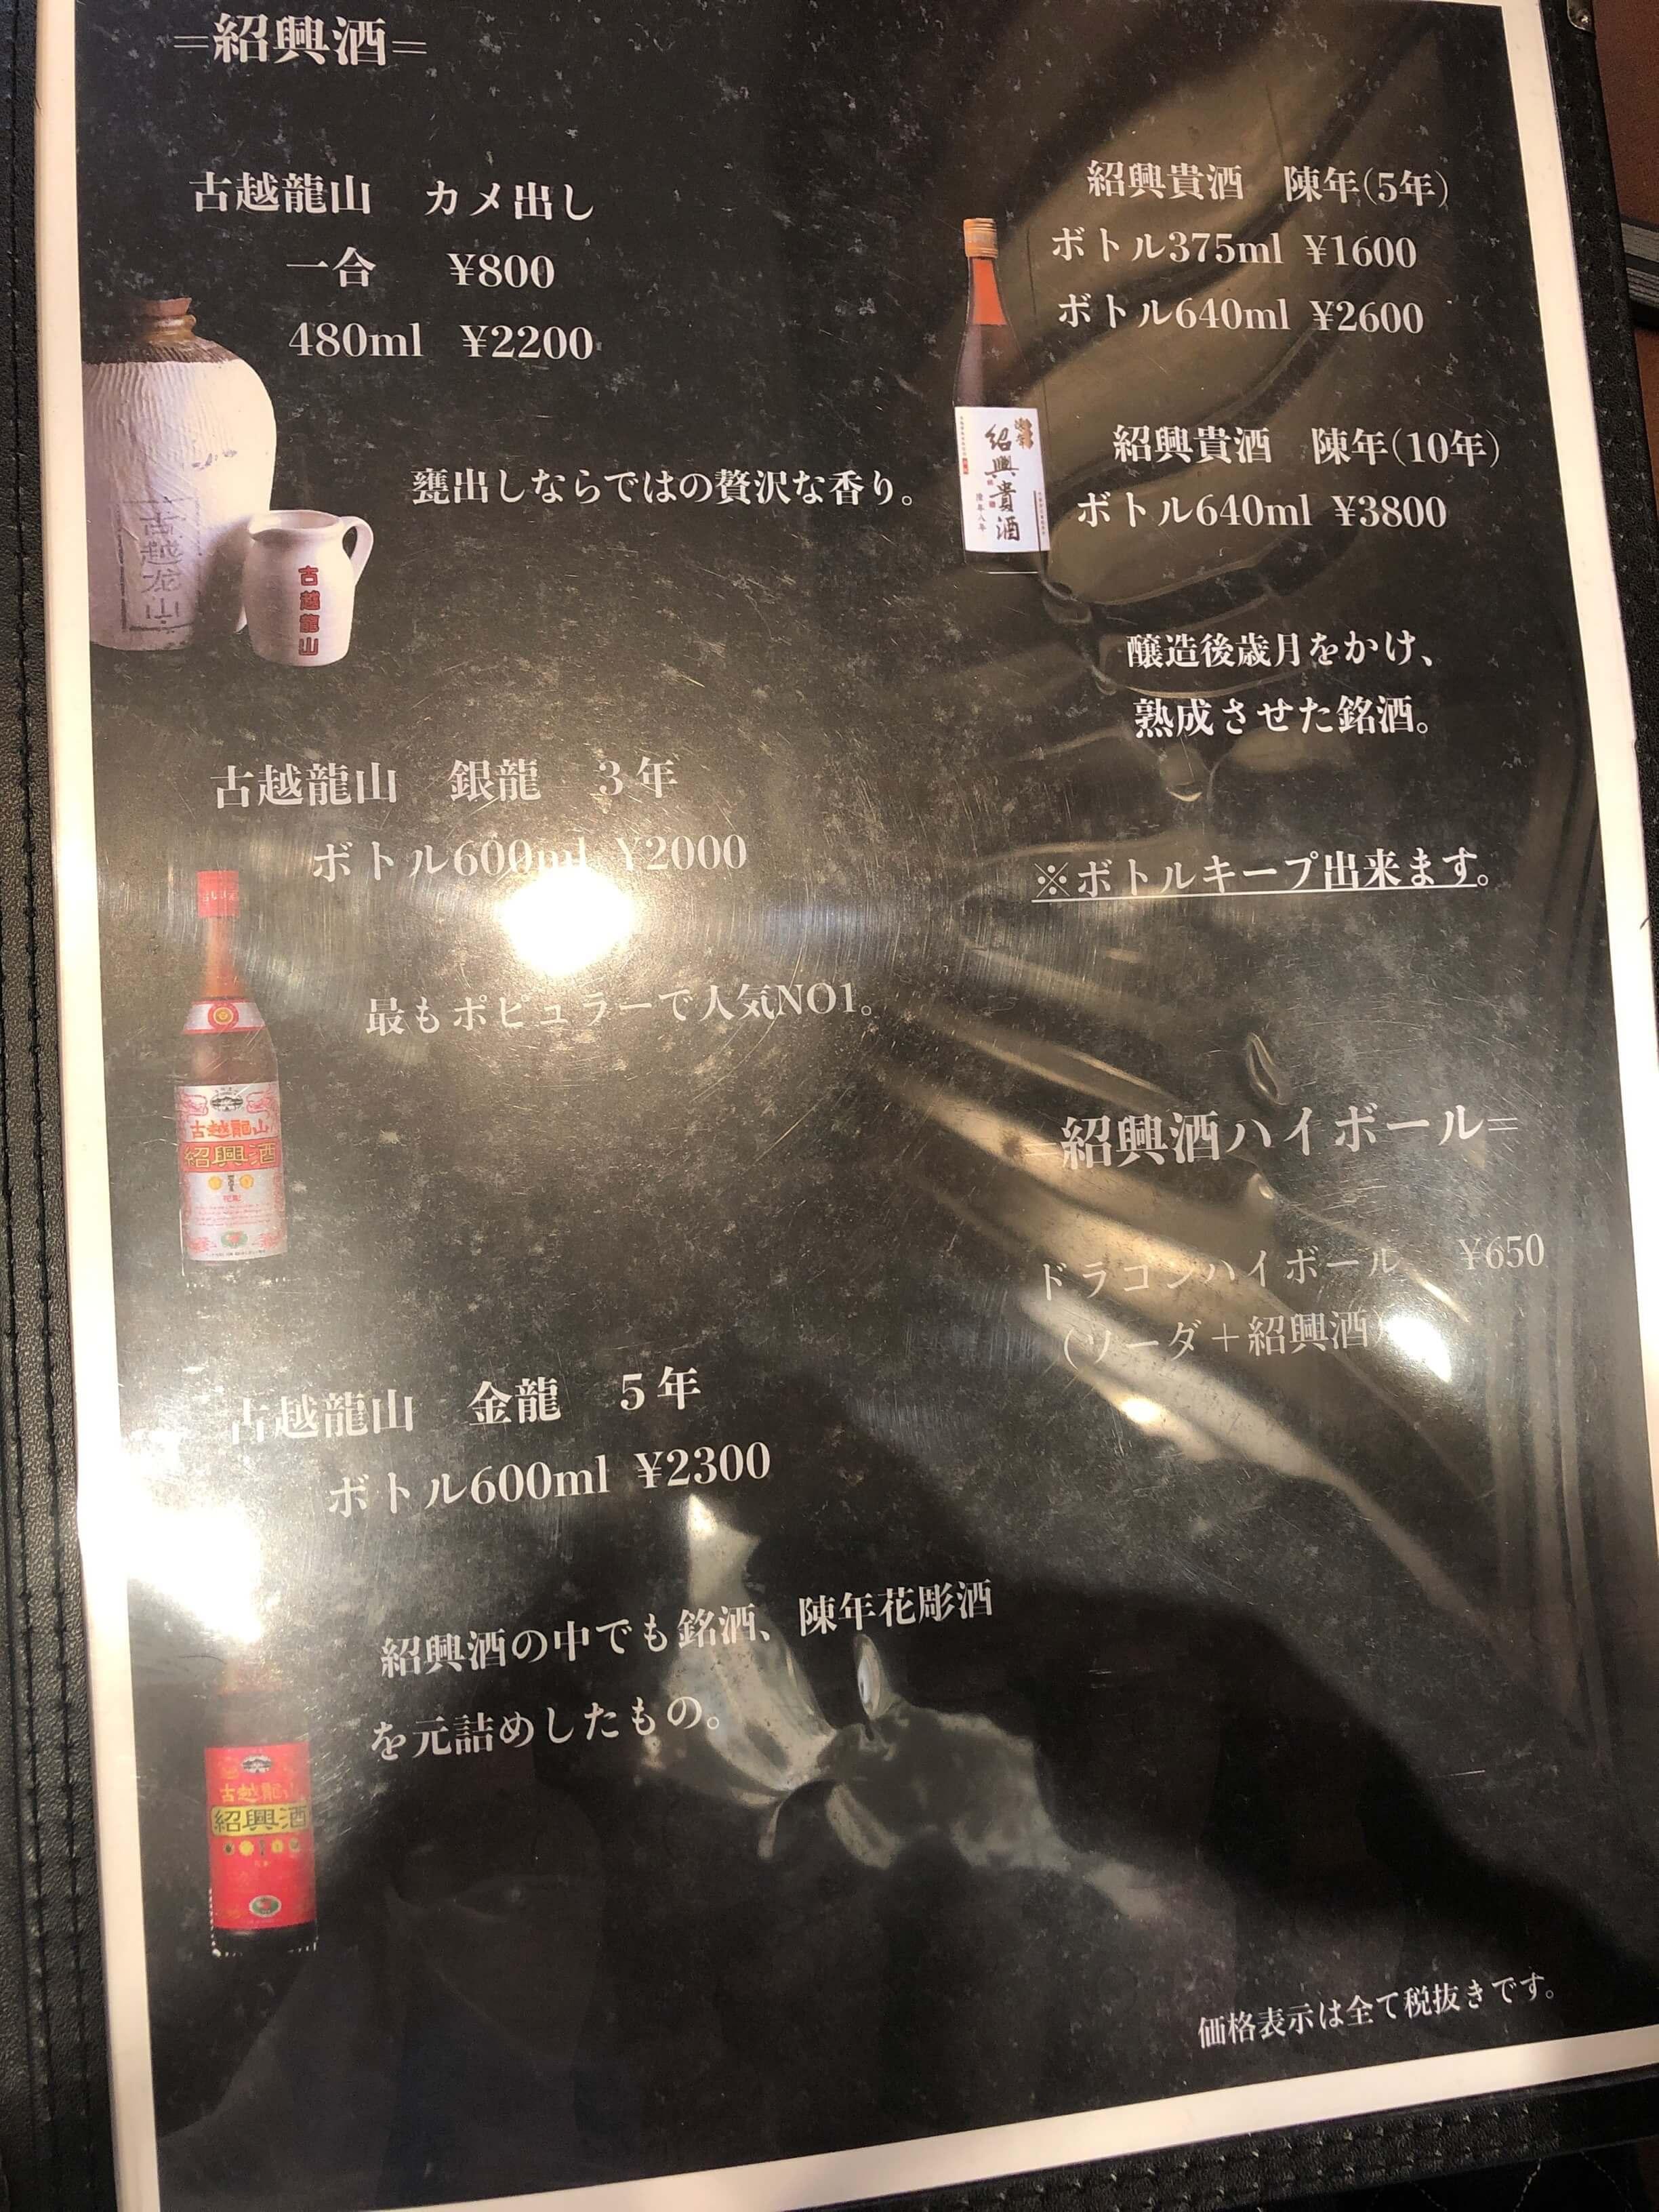 大新園 メニュー 2019.06.23